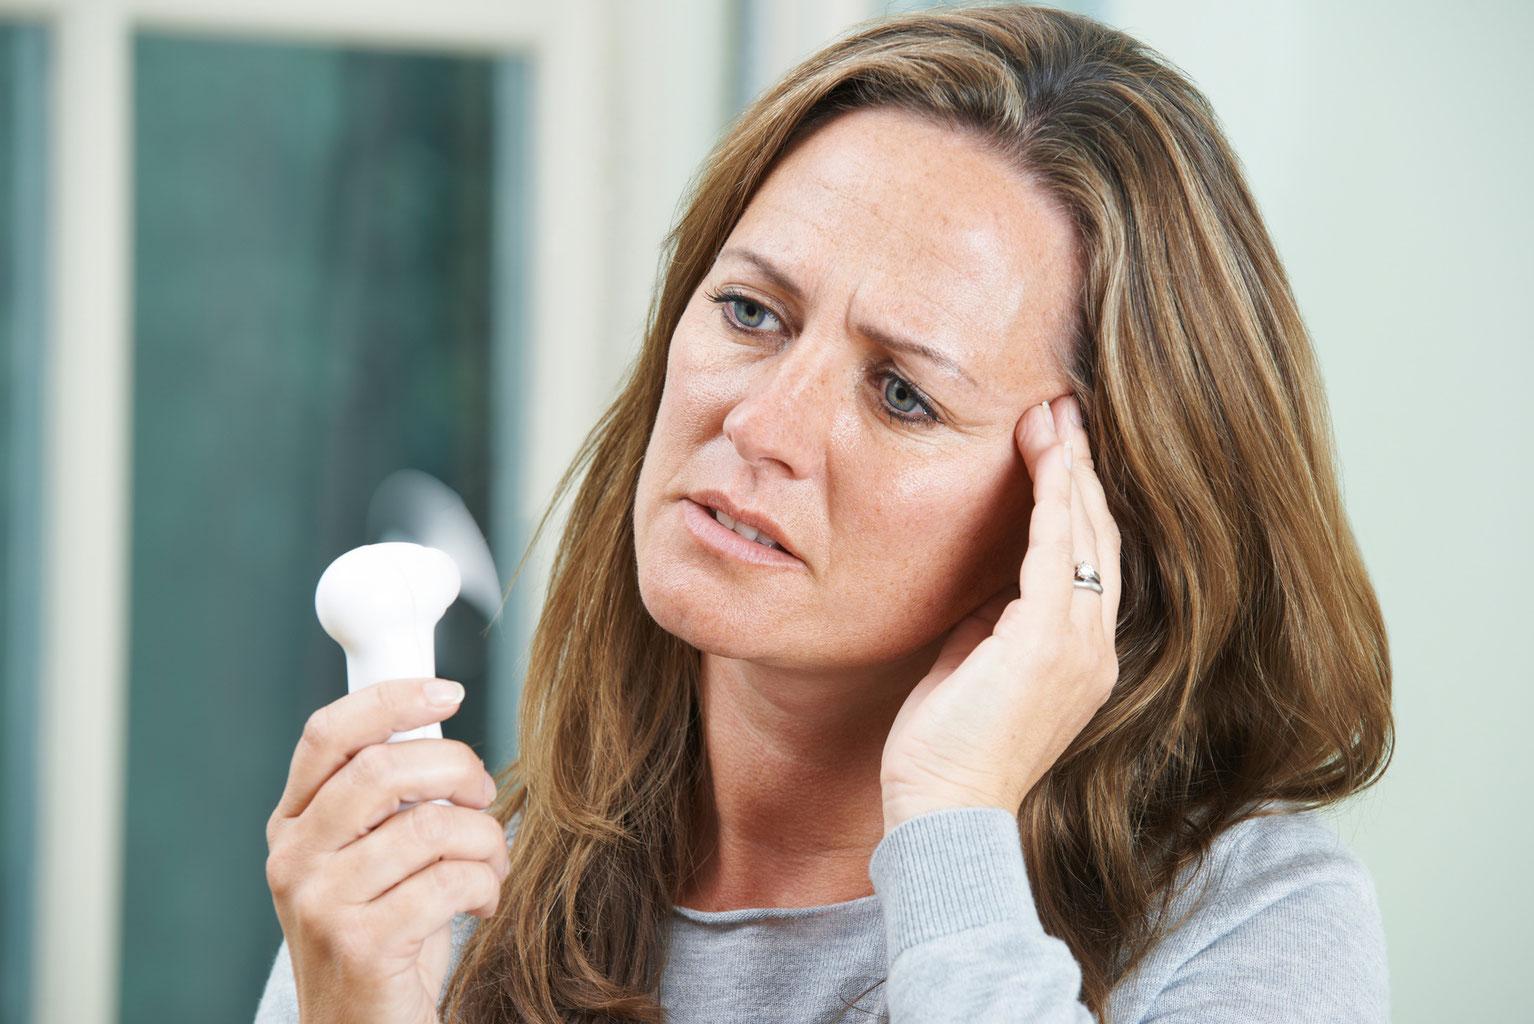 Schweißdrüsen entfernen lassen - alle Infos - SCHWITZEN.SHOP